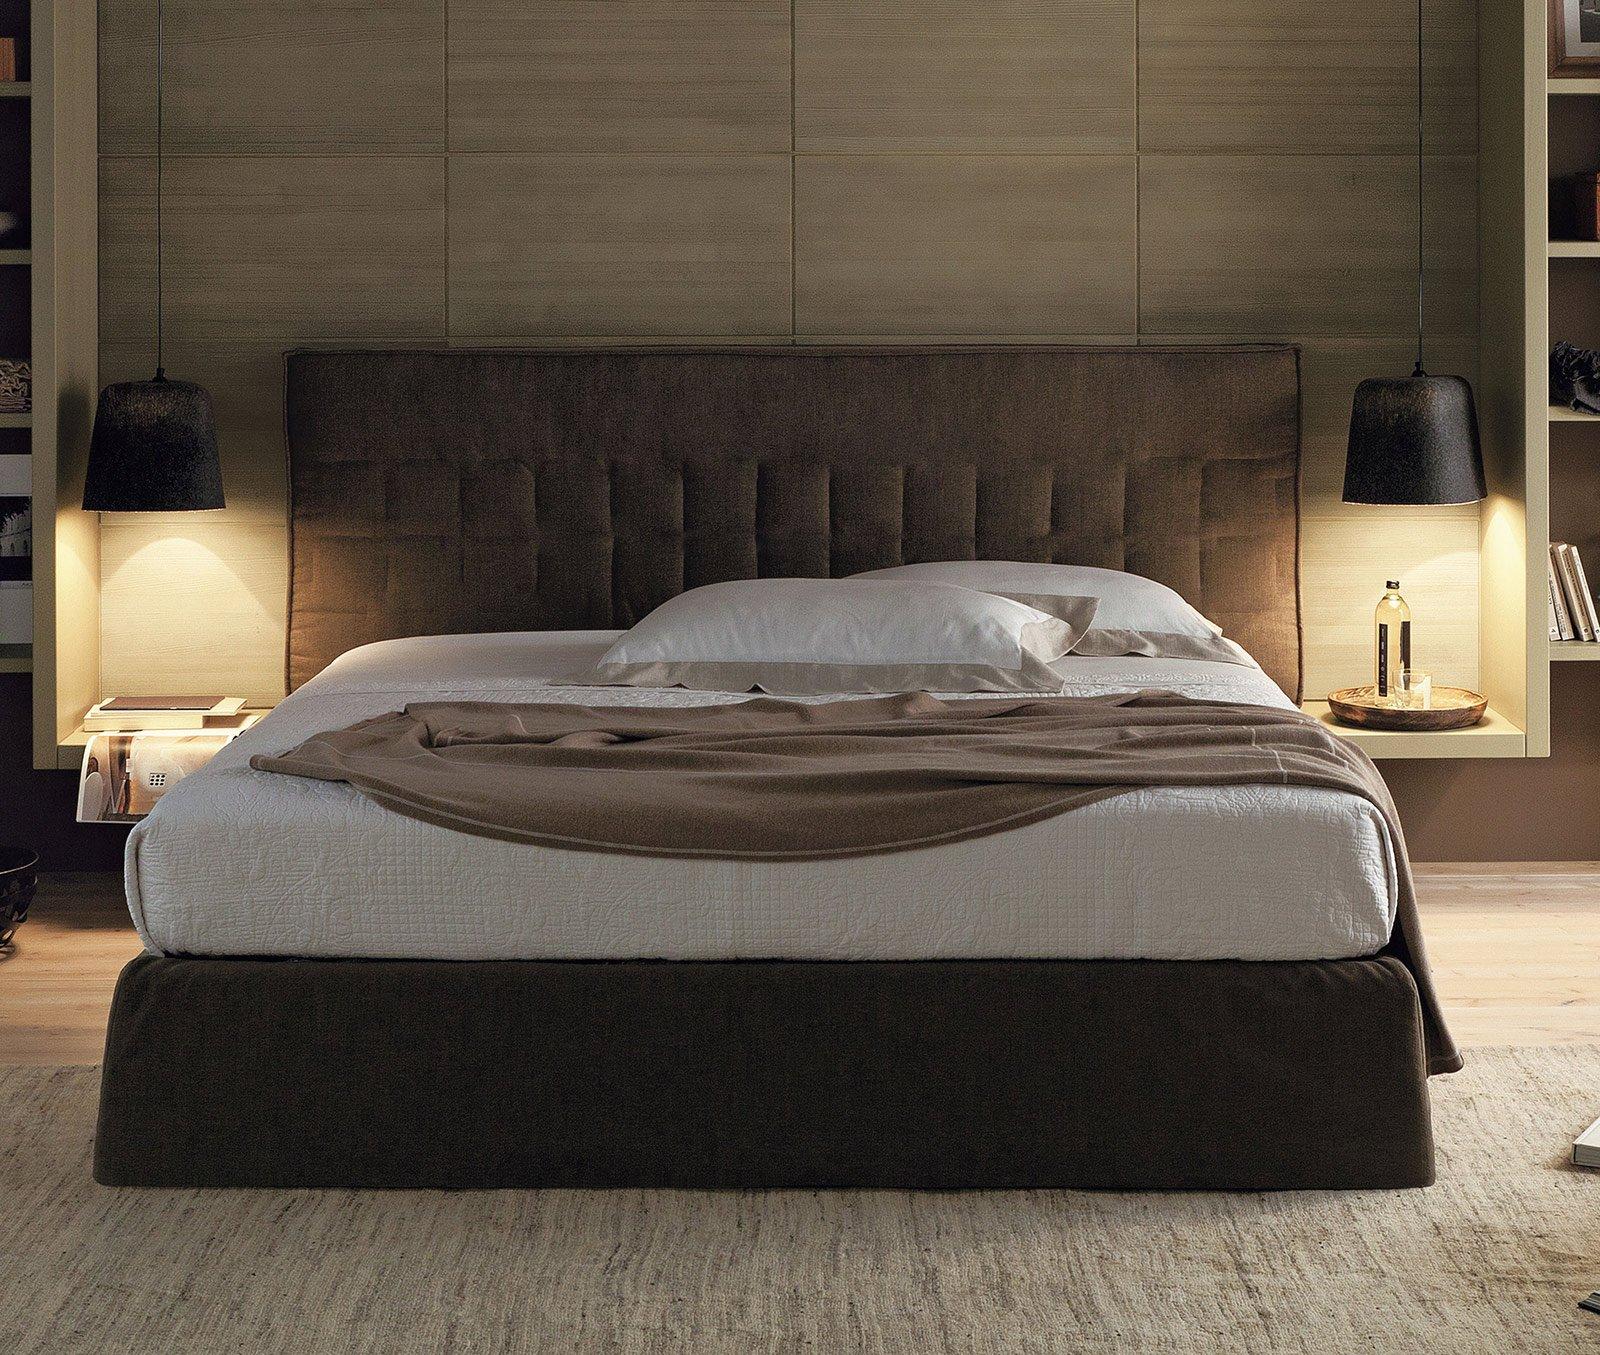 Capitonn letti imbottiti moderni cose di casa - Testata del letto imbottita ...